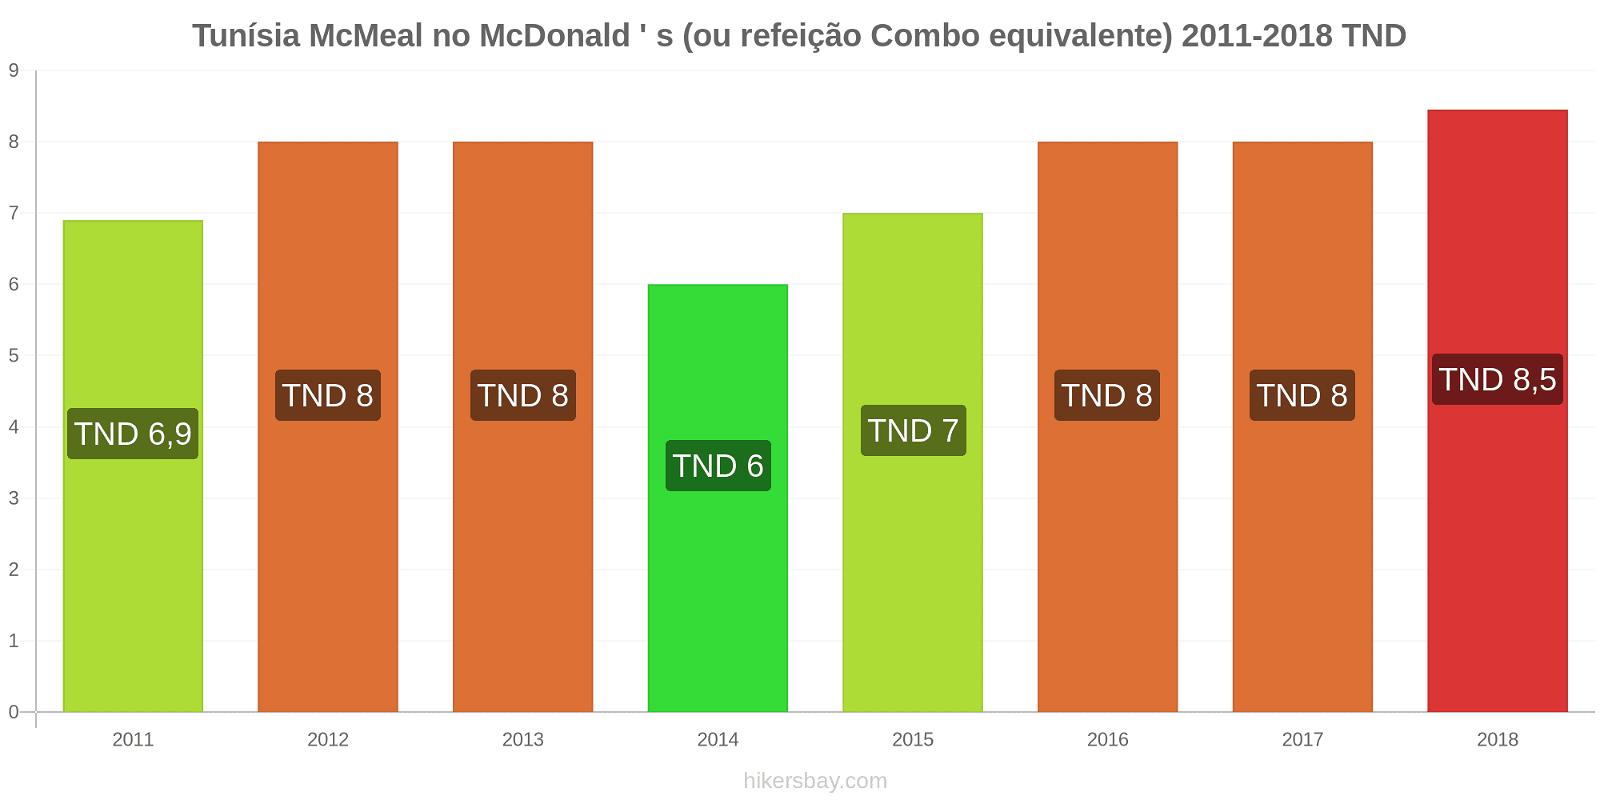 Tunísia variação de preço McMeal no McDonald ' s (ou refeição Combo equivalente) hikersbay.com